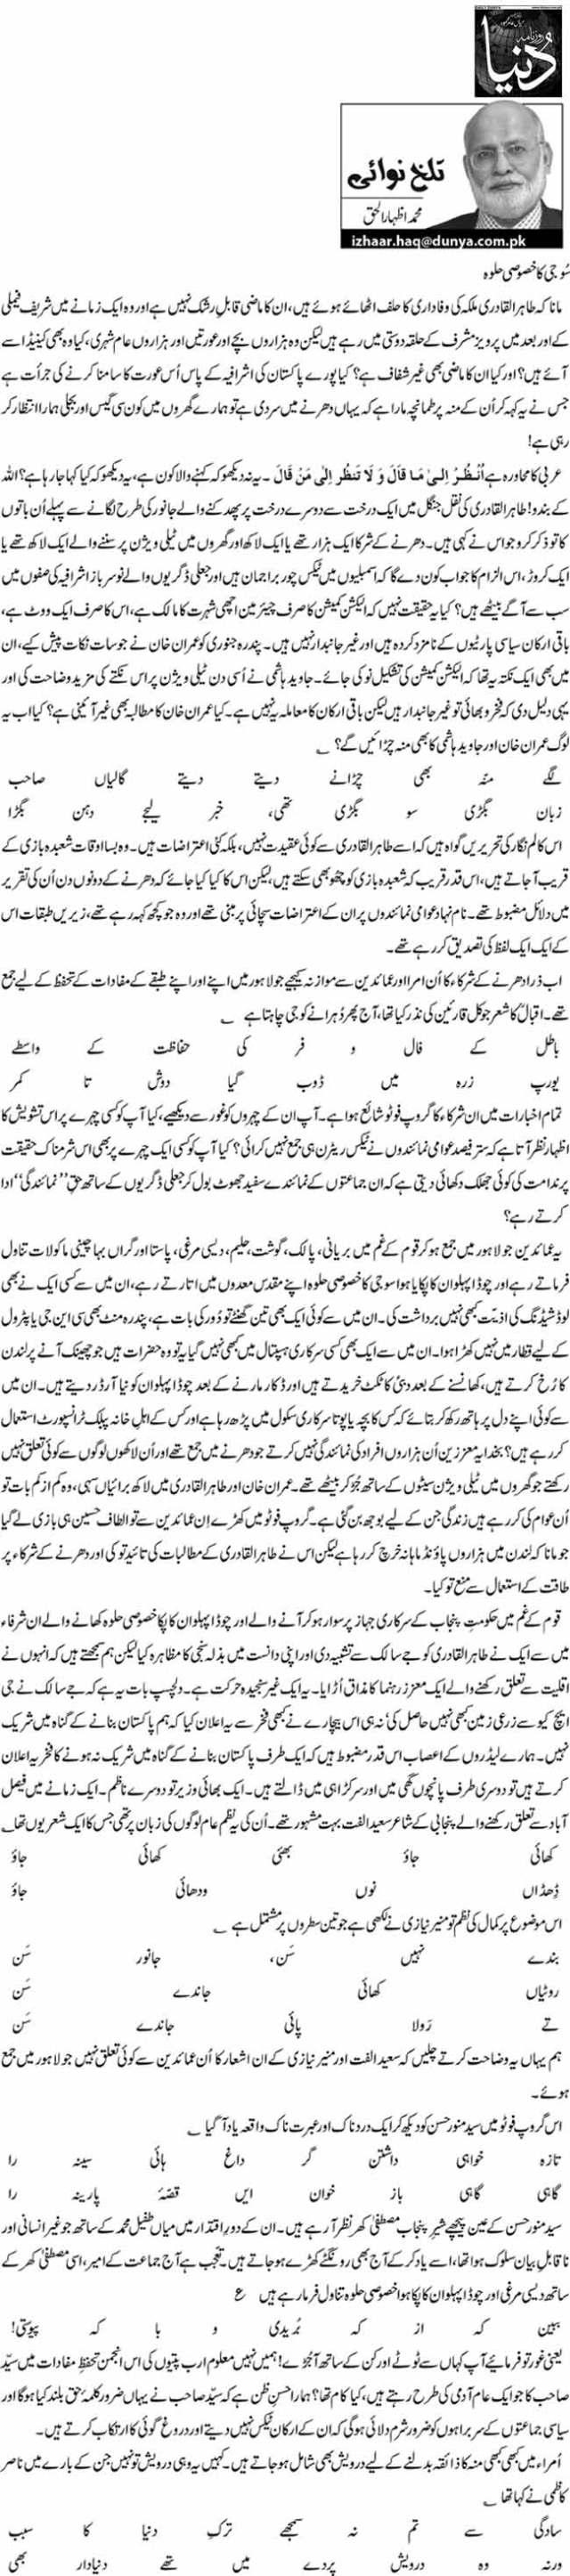 Sooji ka khusoosi halwa - M. Izhar ul Haq